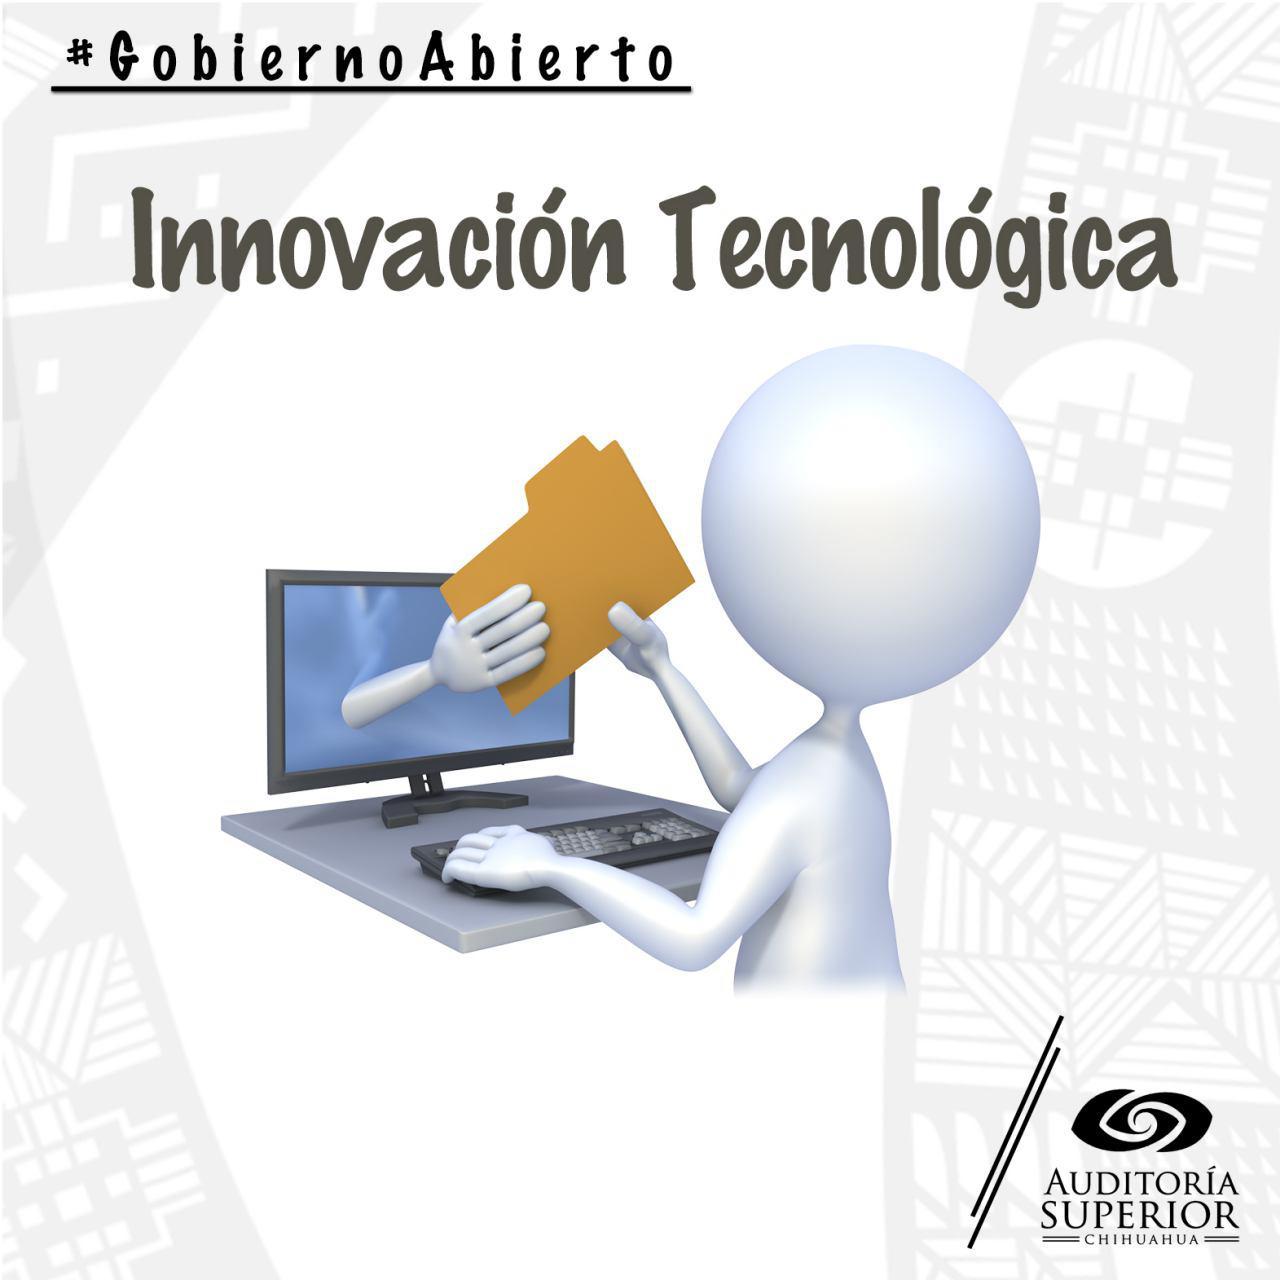 ¿Qué es para ti Innovación Tecnológica?  #GobiernoAbierto #OpenGov https://t.co/C6EsLlTjpi